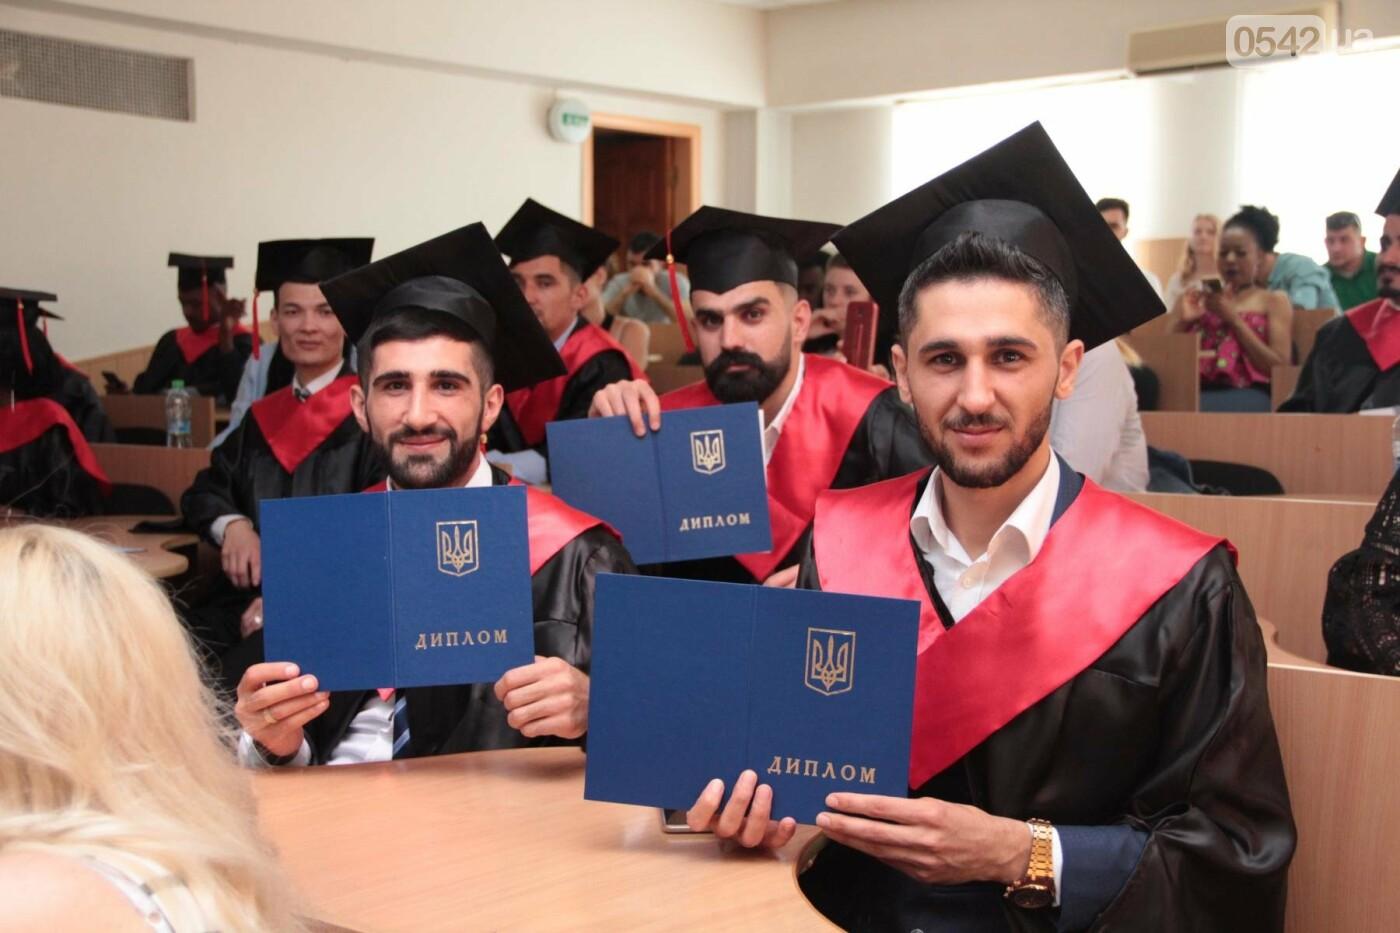 В Сумском НАУ состоялся торжественный выпуск студентов-иностранцев, фото-1